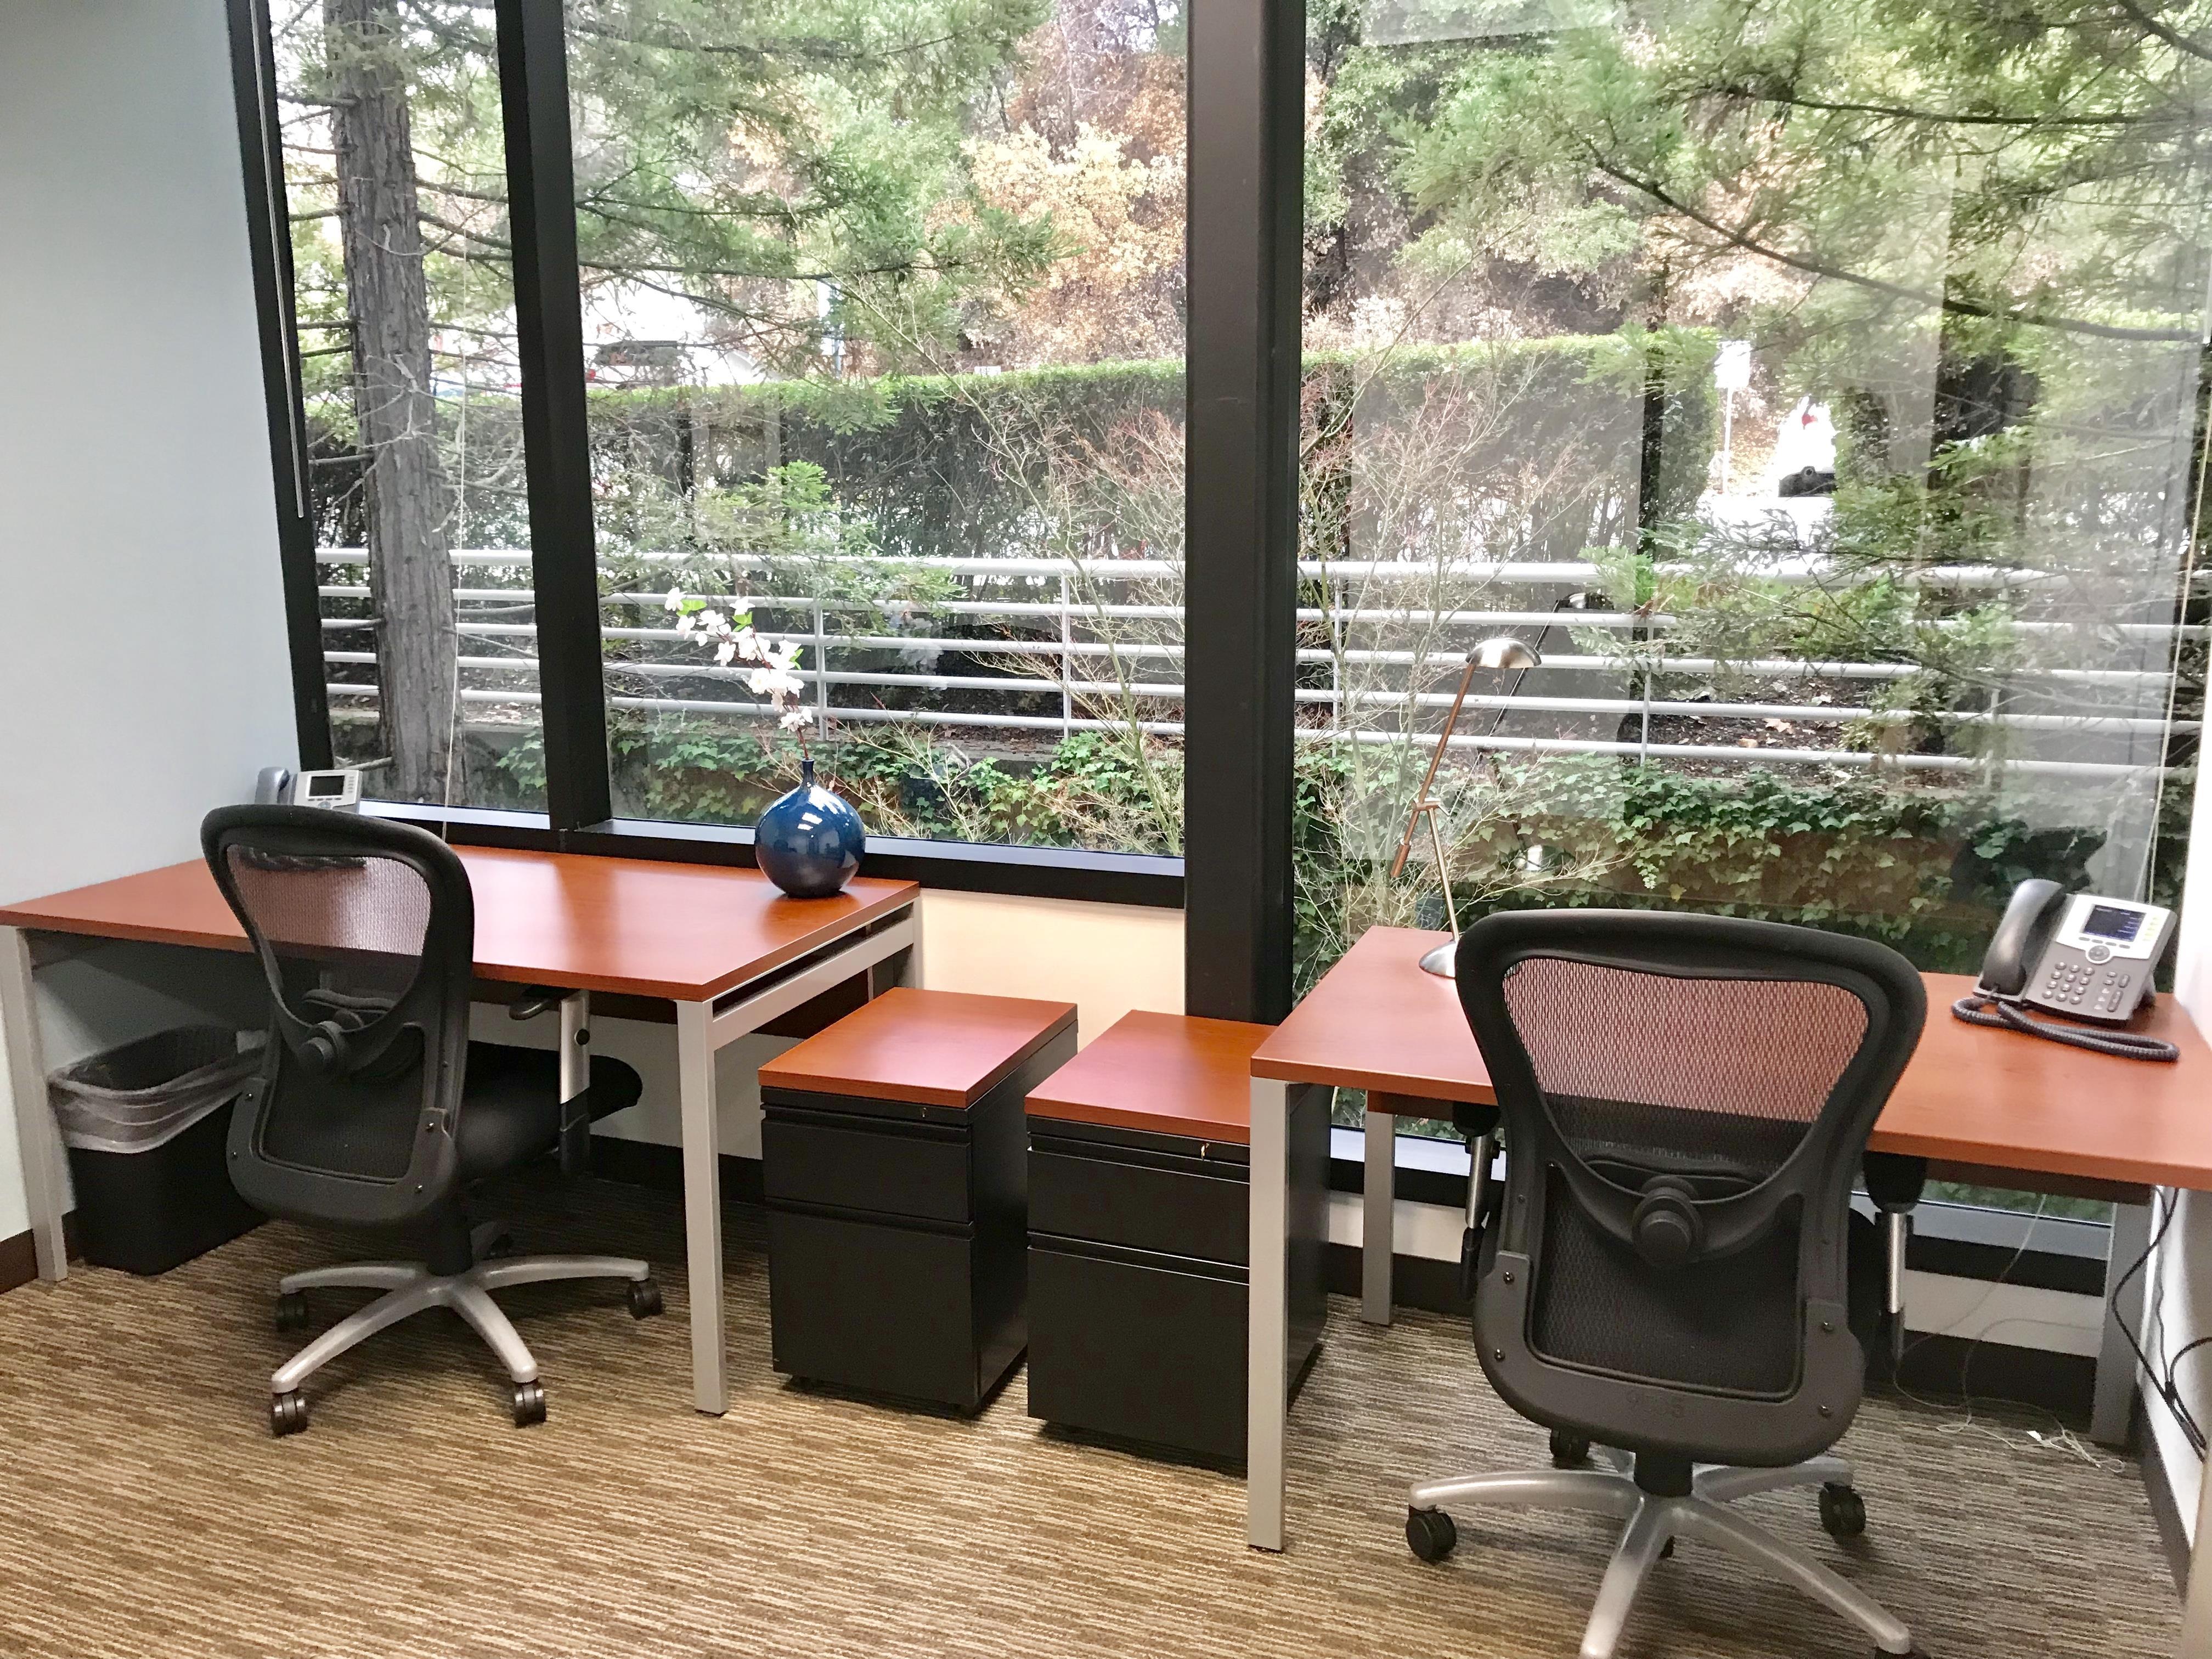 3558 Round Barn Blvd, Suite 200 Santa Rosa, CA 95403 - Office Suite 221